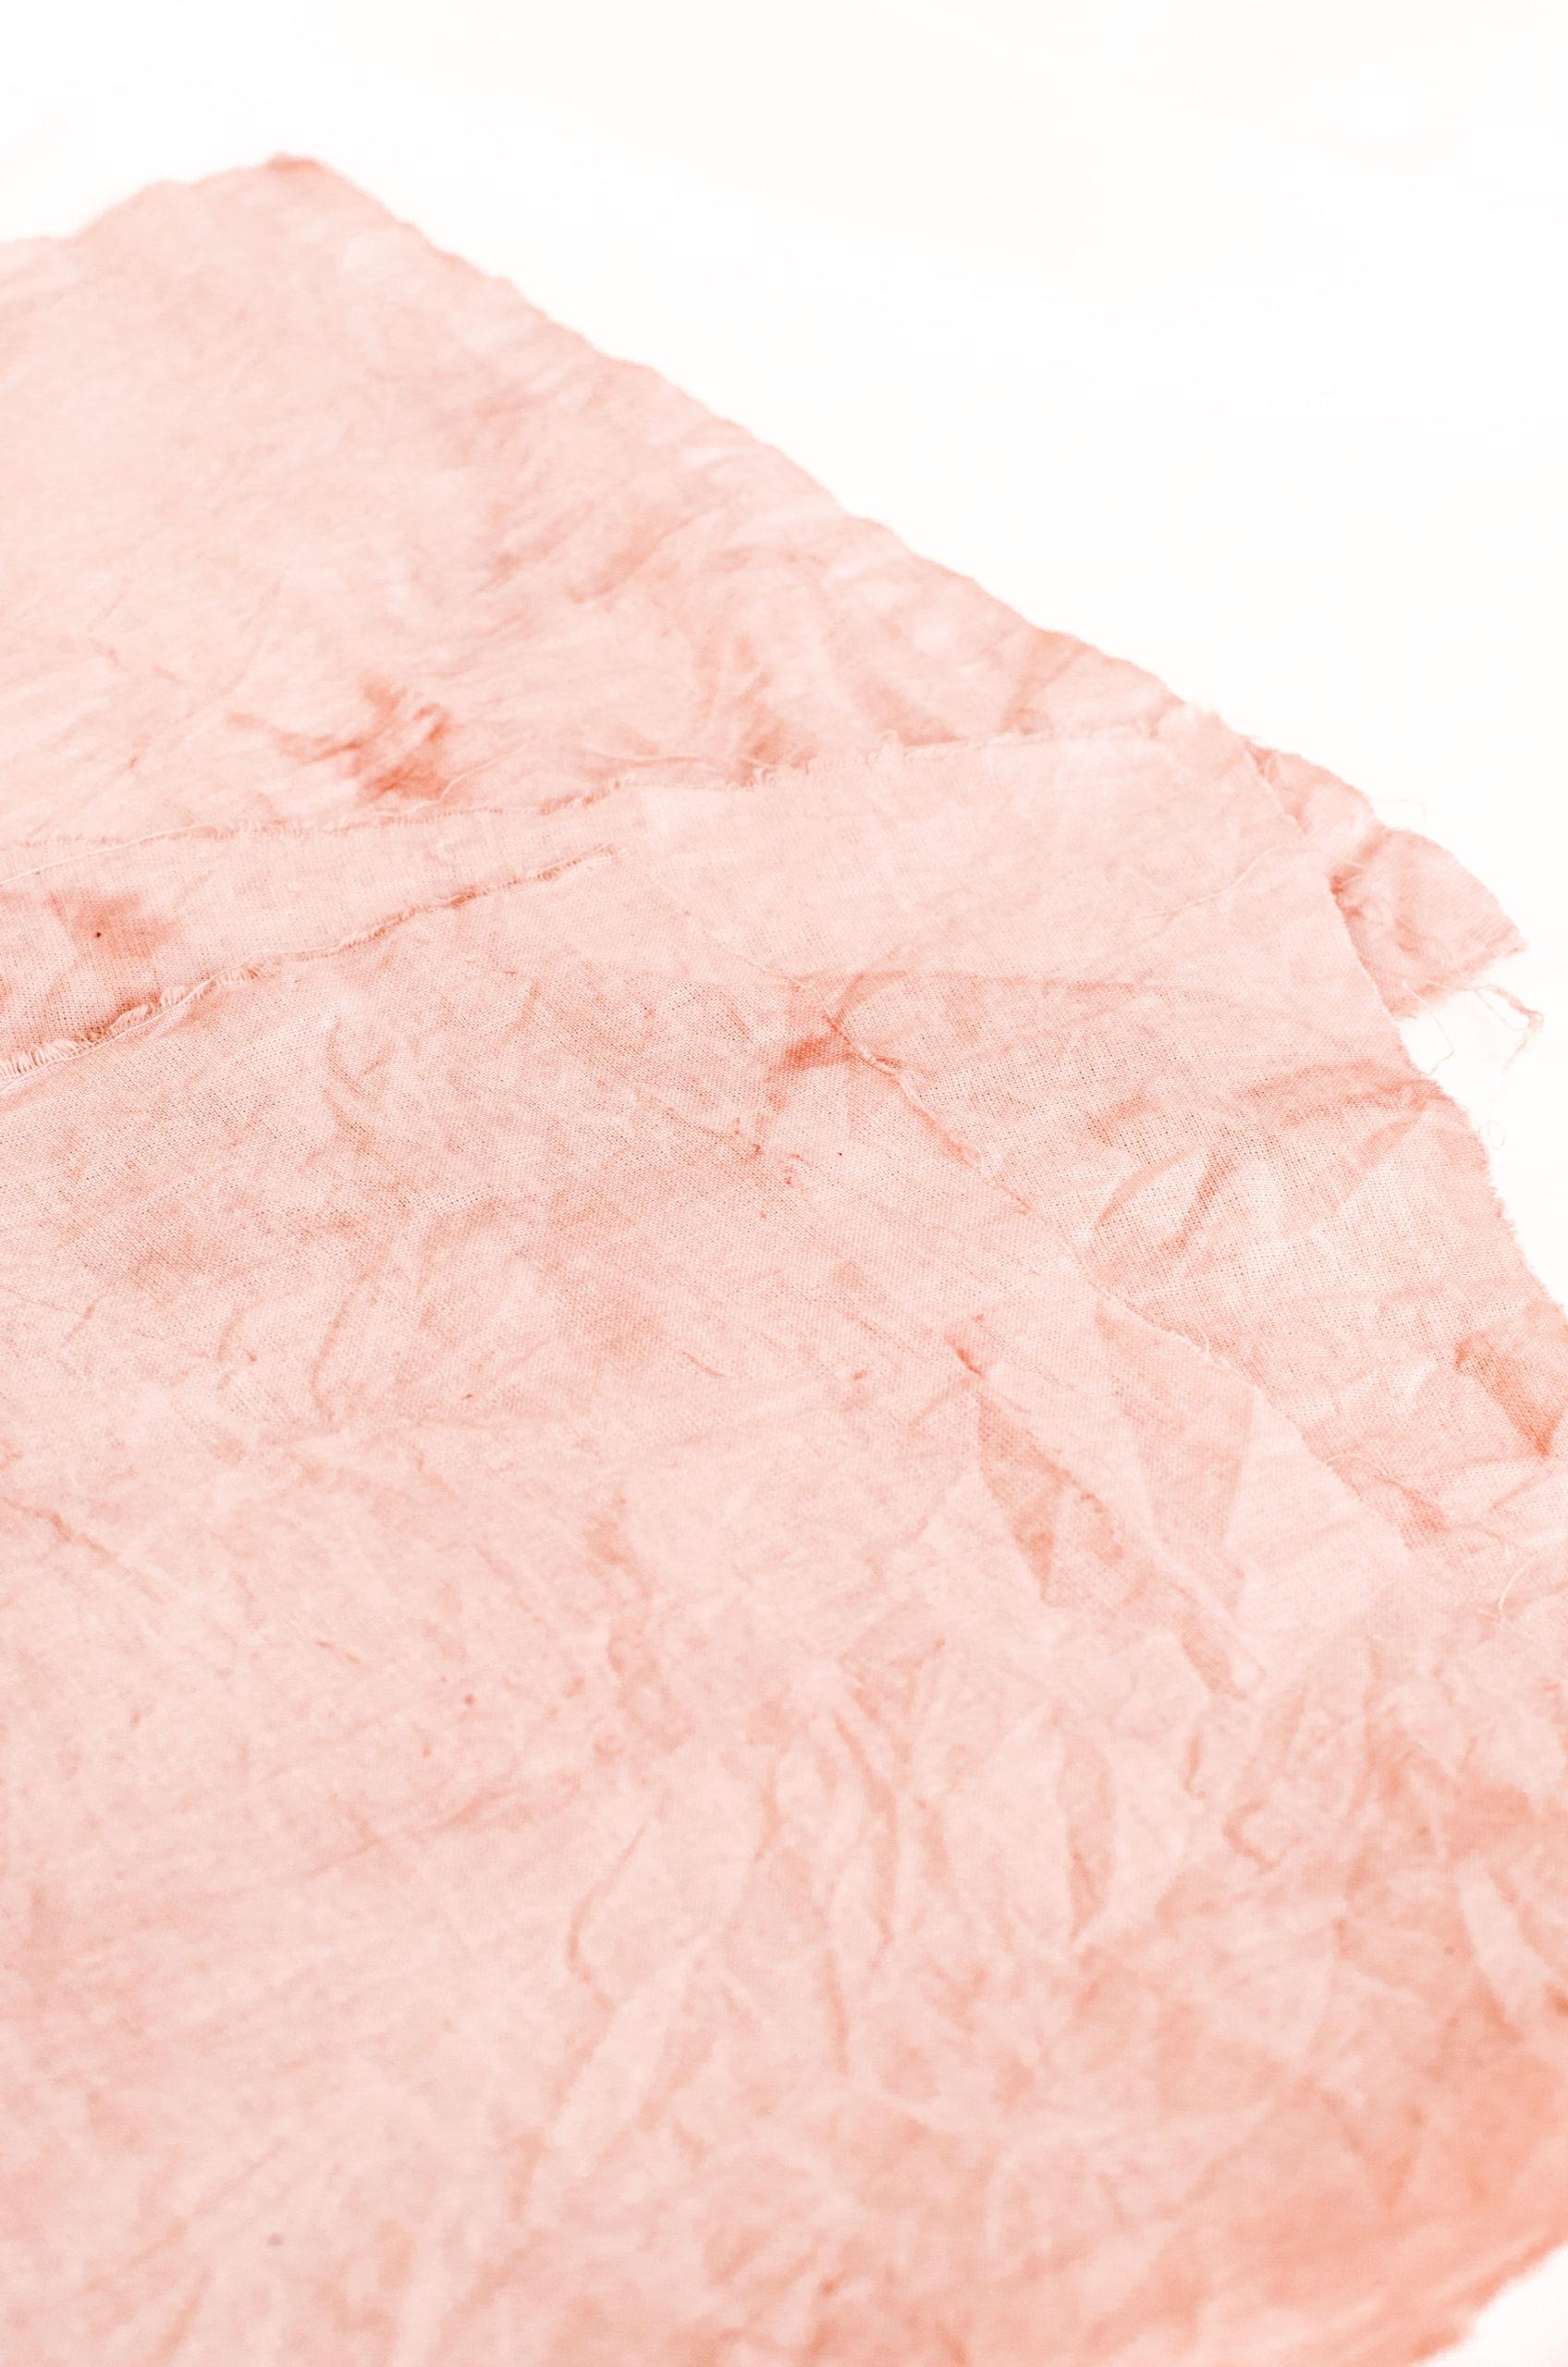 Teinture végétale : Comment teindre ses tissus naturellement ?